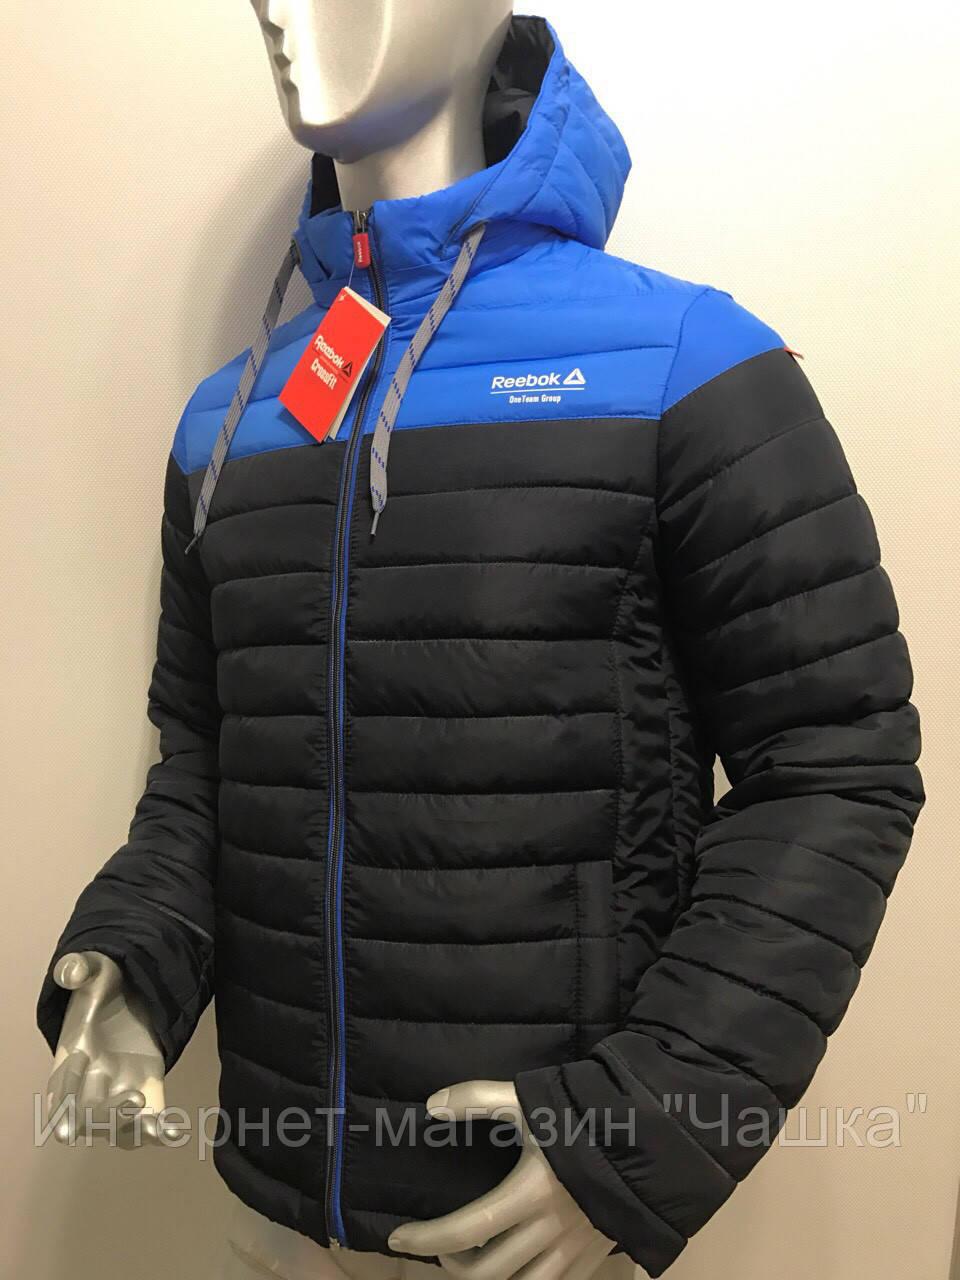 Мужская спортивная куртка Reebok копия 30a1741f572